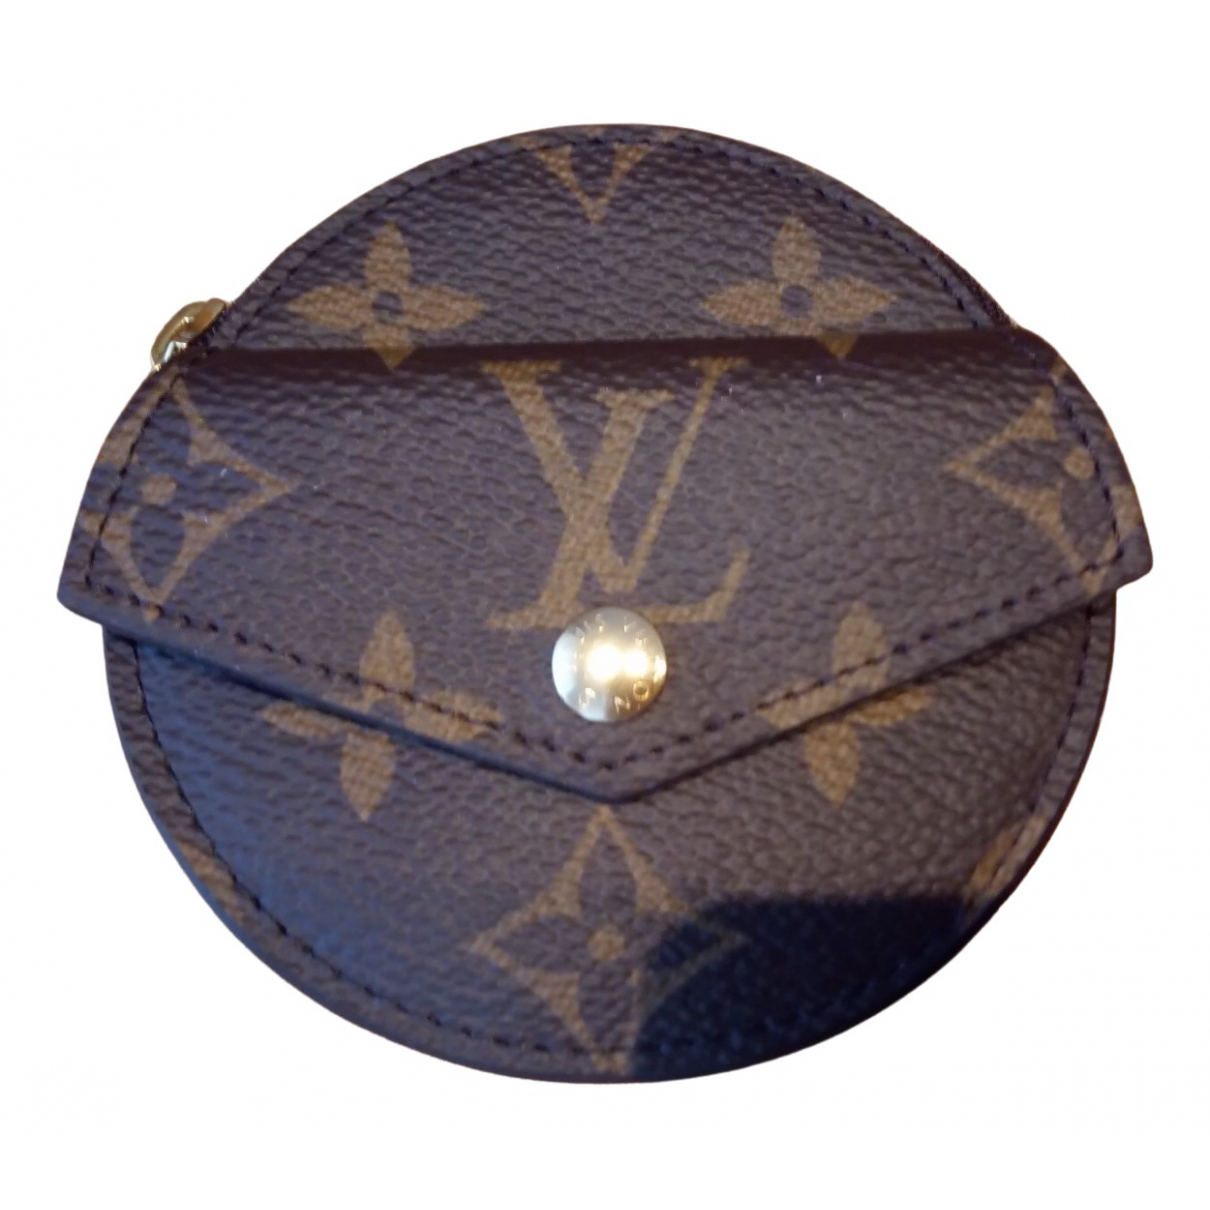 Louis Vuitton - Petite maroquinerie   pour femme en toile